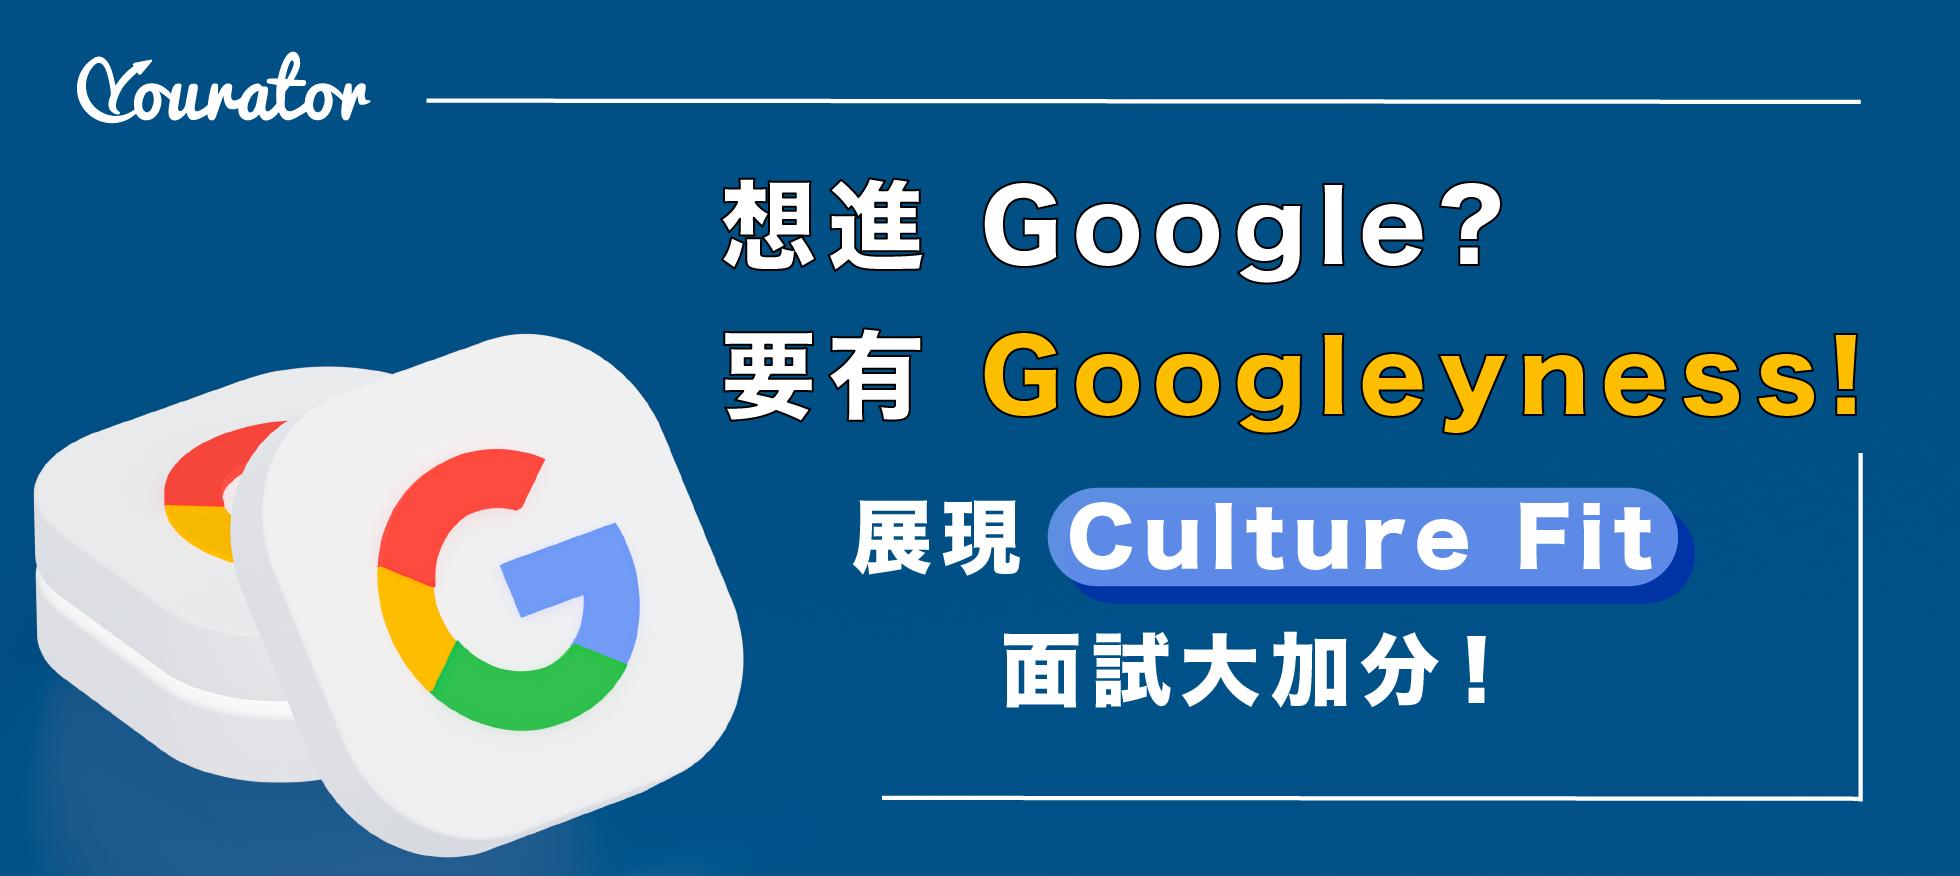 想進 Google? 你要有 Googleyness! 在面試中展現 Culture Fit,幫自己加分!